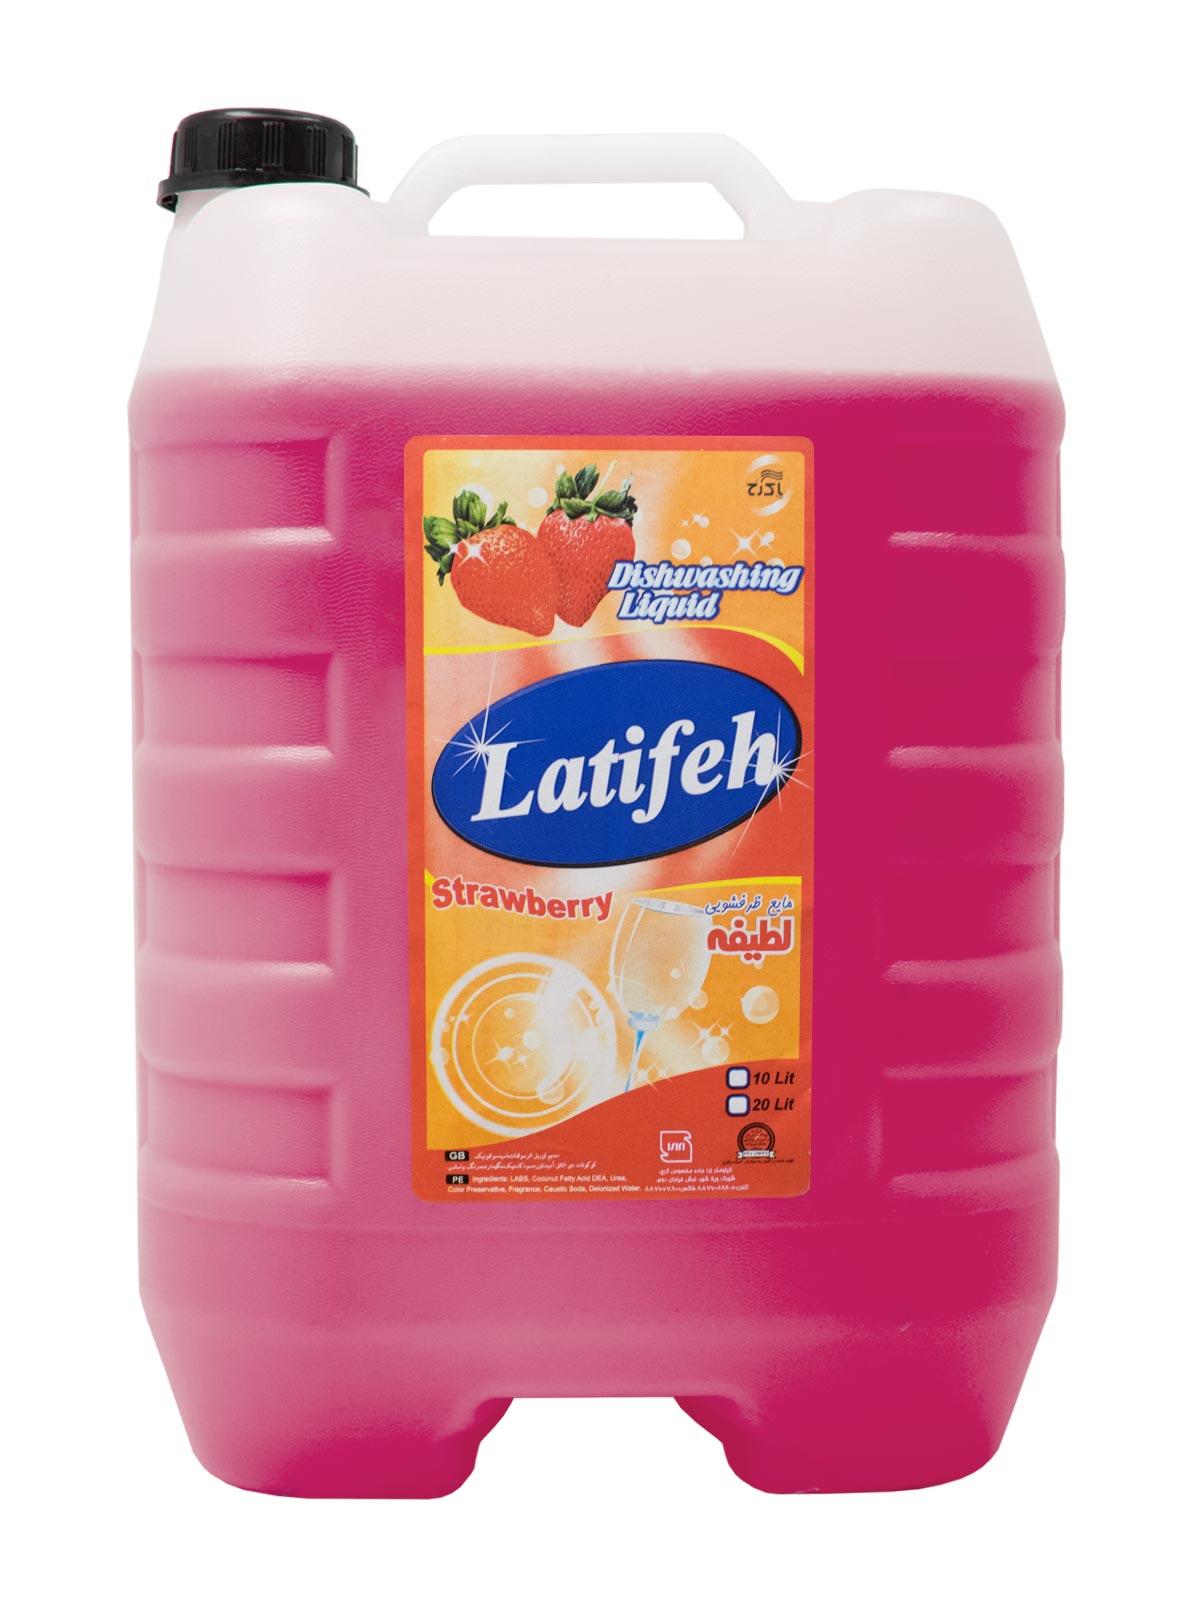 مایع ظرفشویی لطیفه با رایحه توت فرنگی 10 لیتر